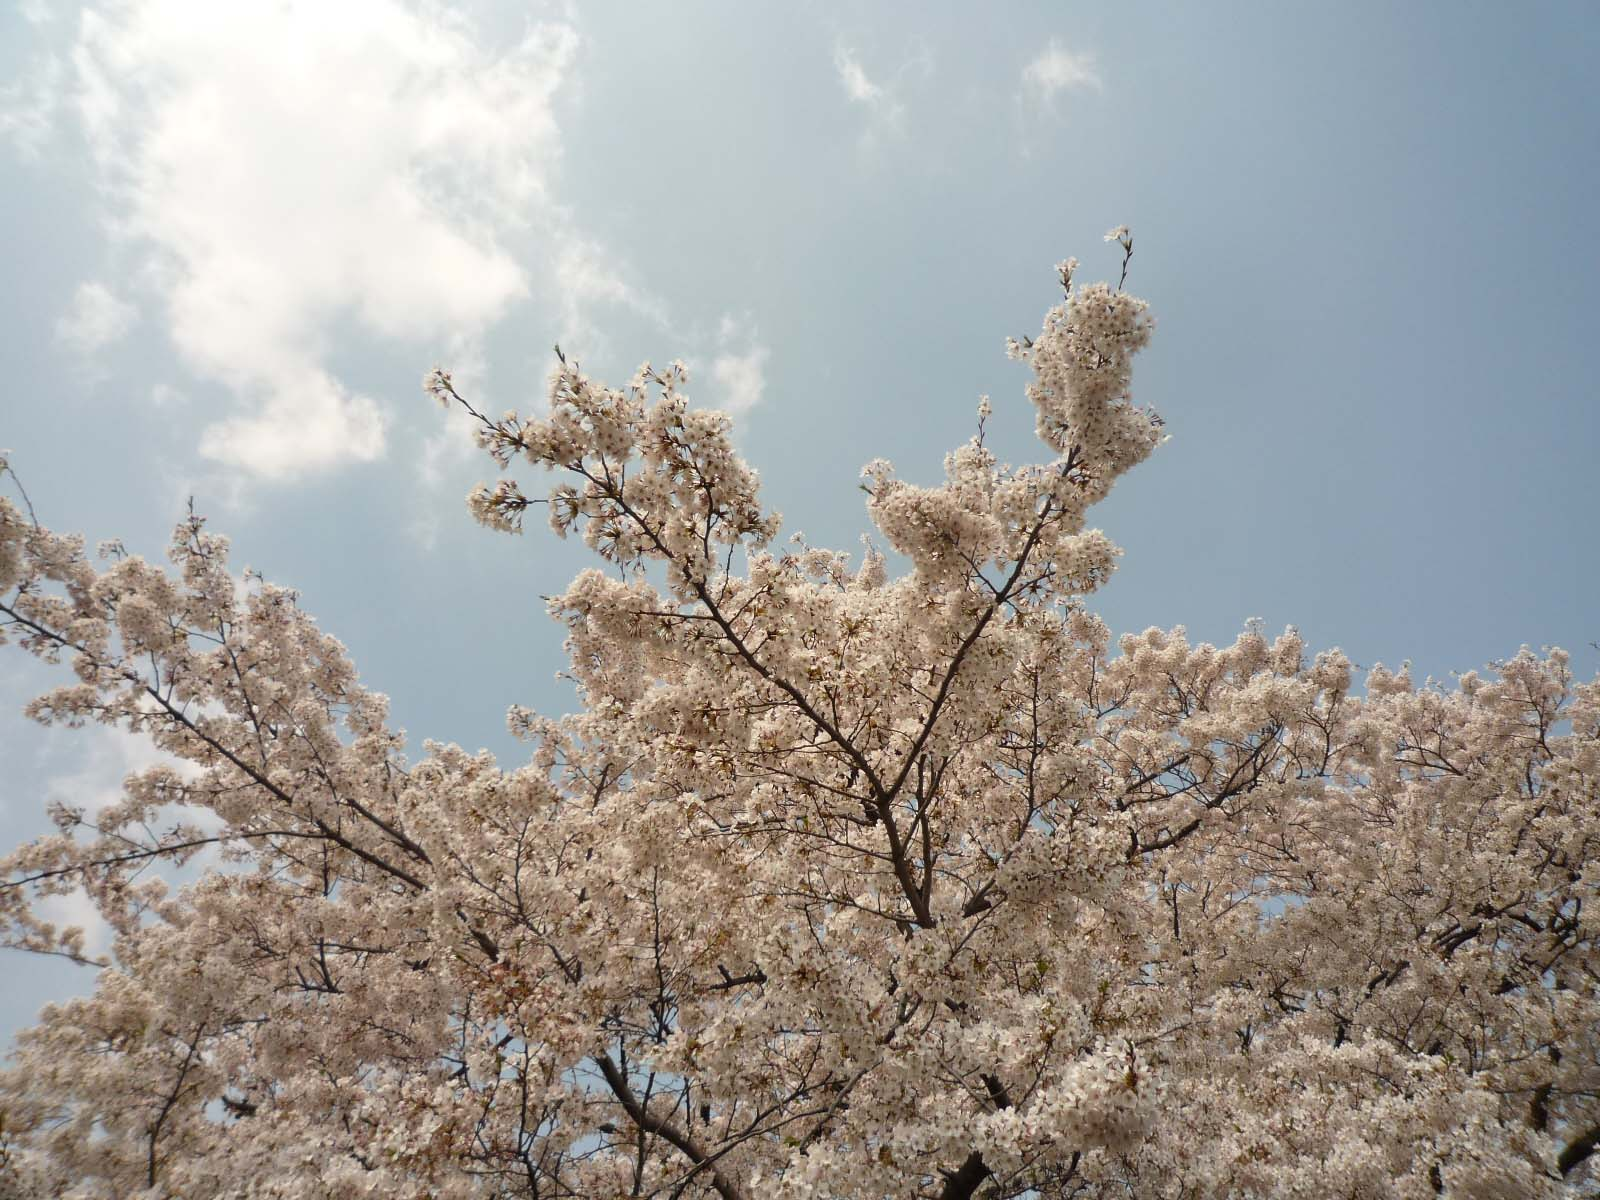 桜01 不忍池  しのばずのいけ 上野恩賜公園 東京都台東区